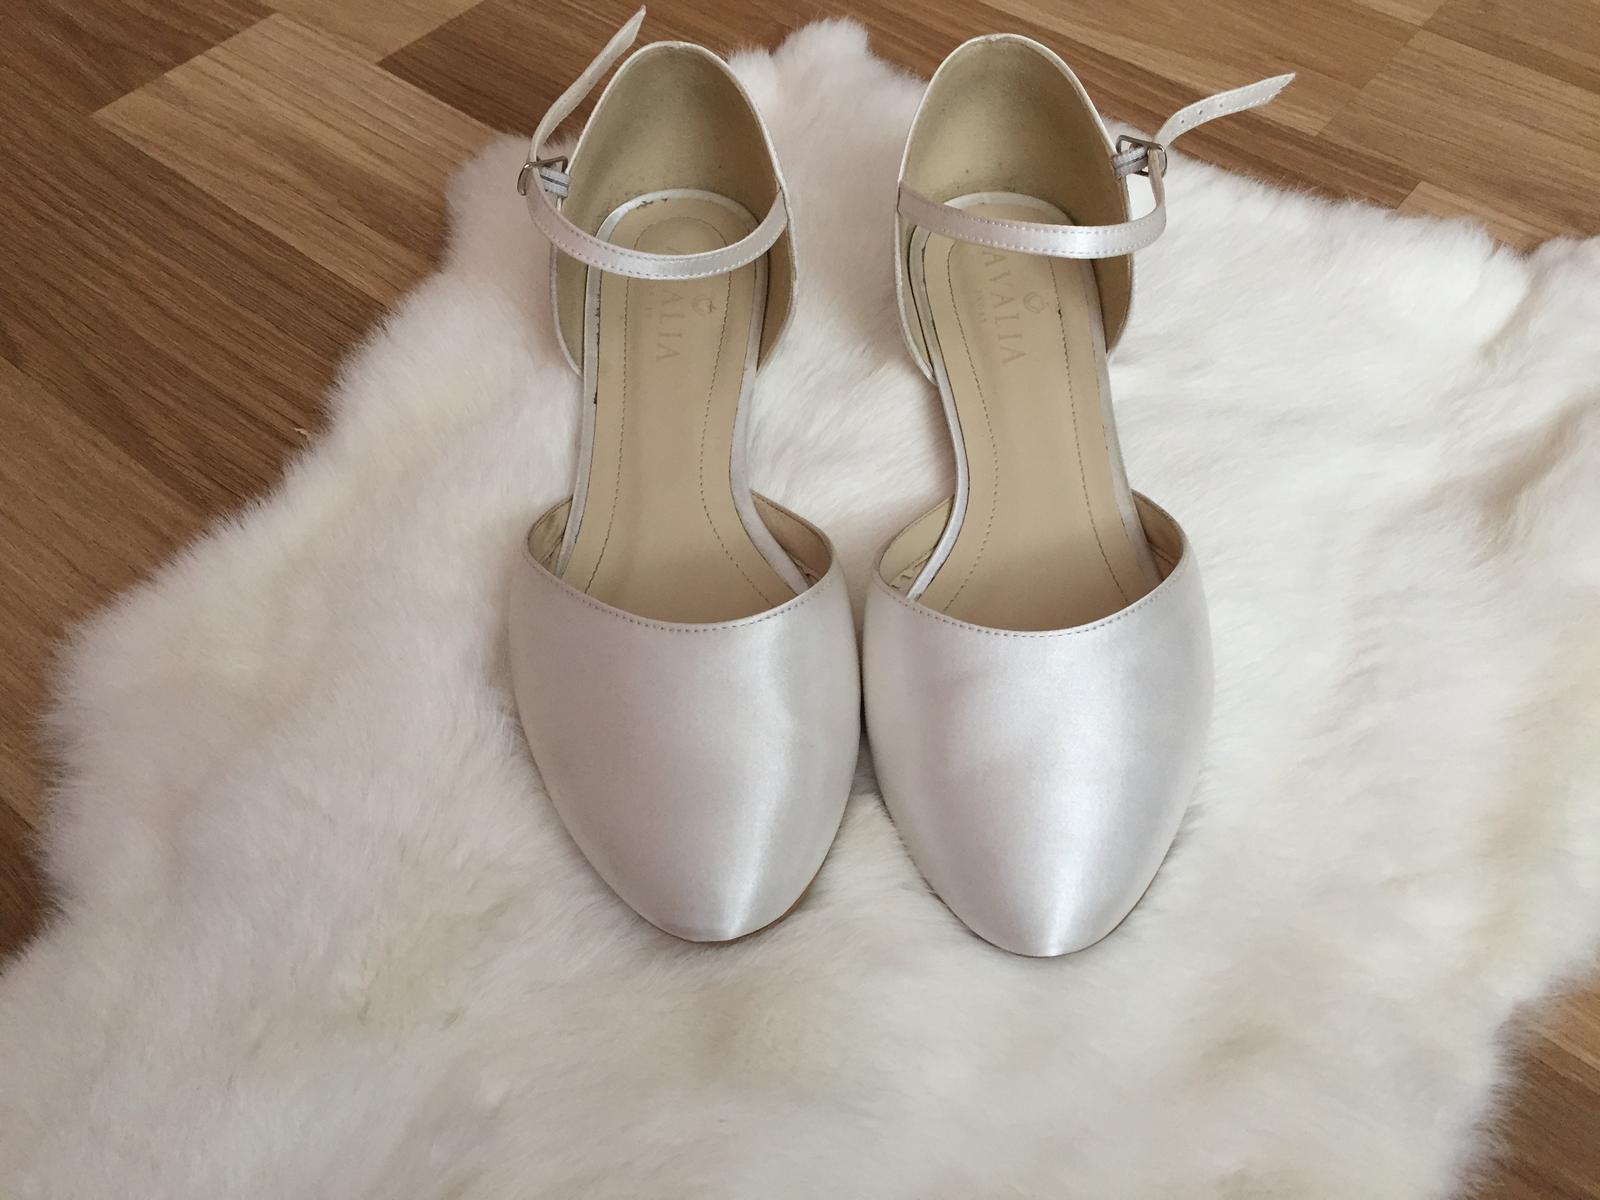 Svadobné topánky, vnútorná dĺžka 25,5cm - Obrázok č. 1